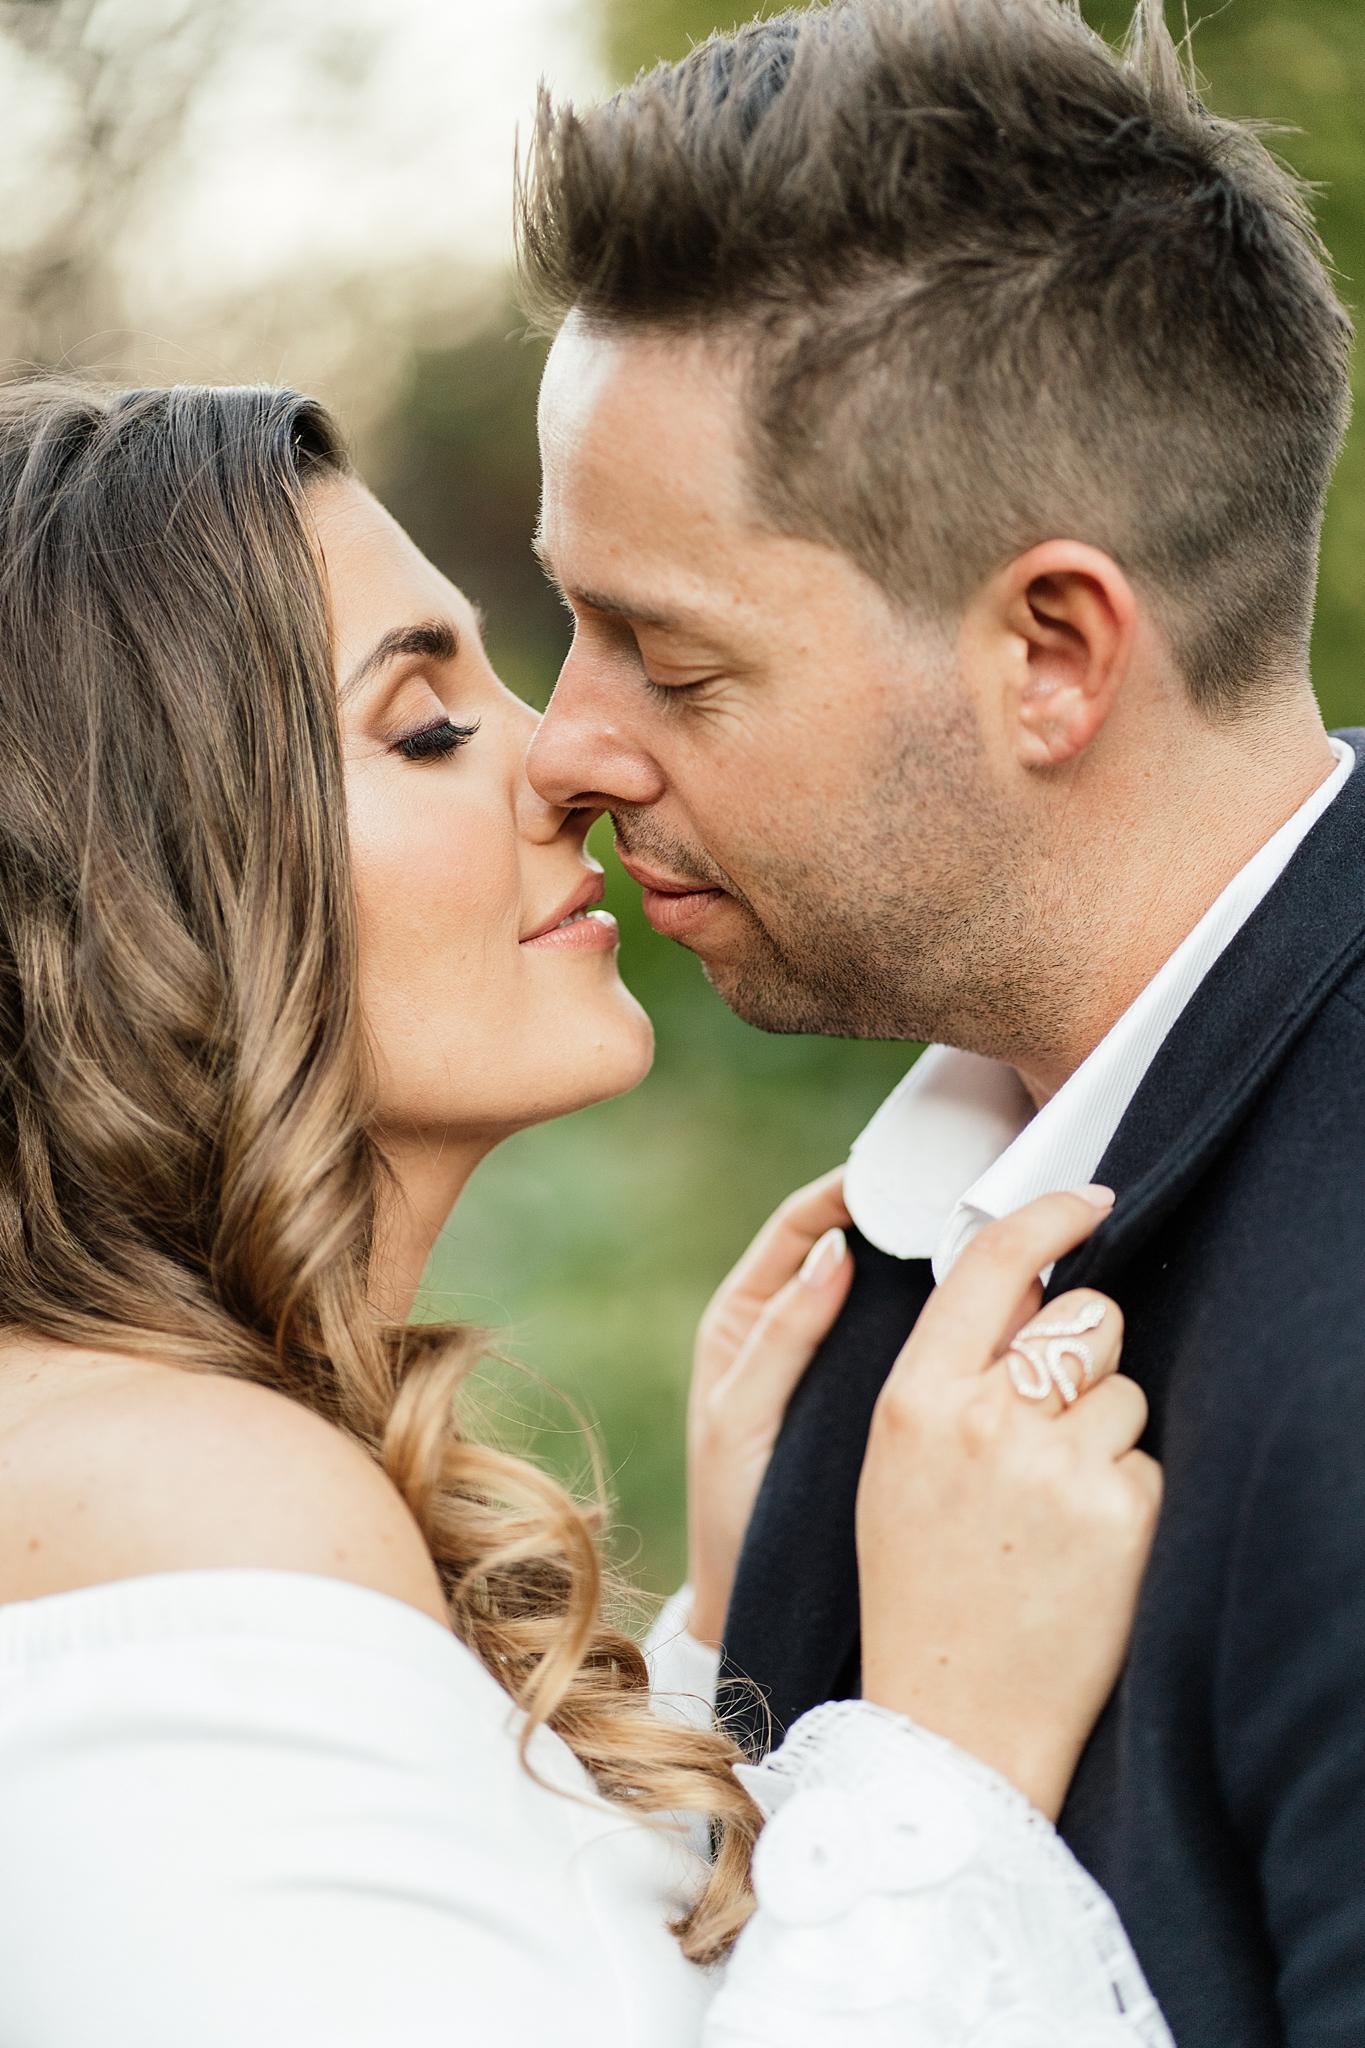 Intimate Wedding Houghton Couple